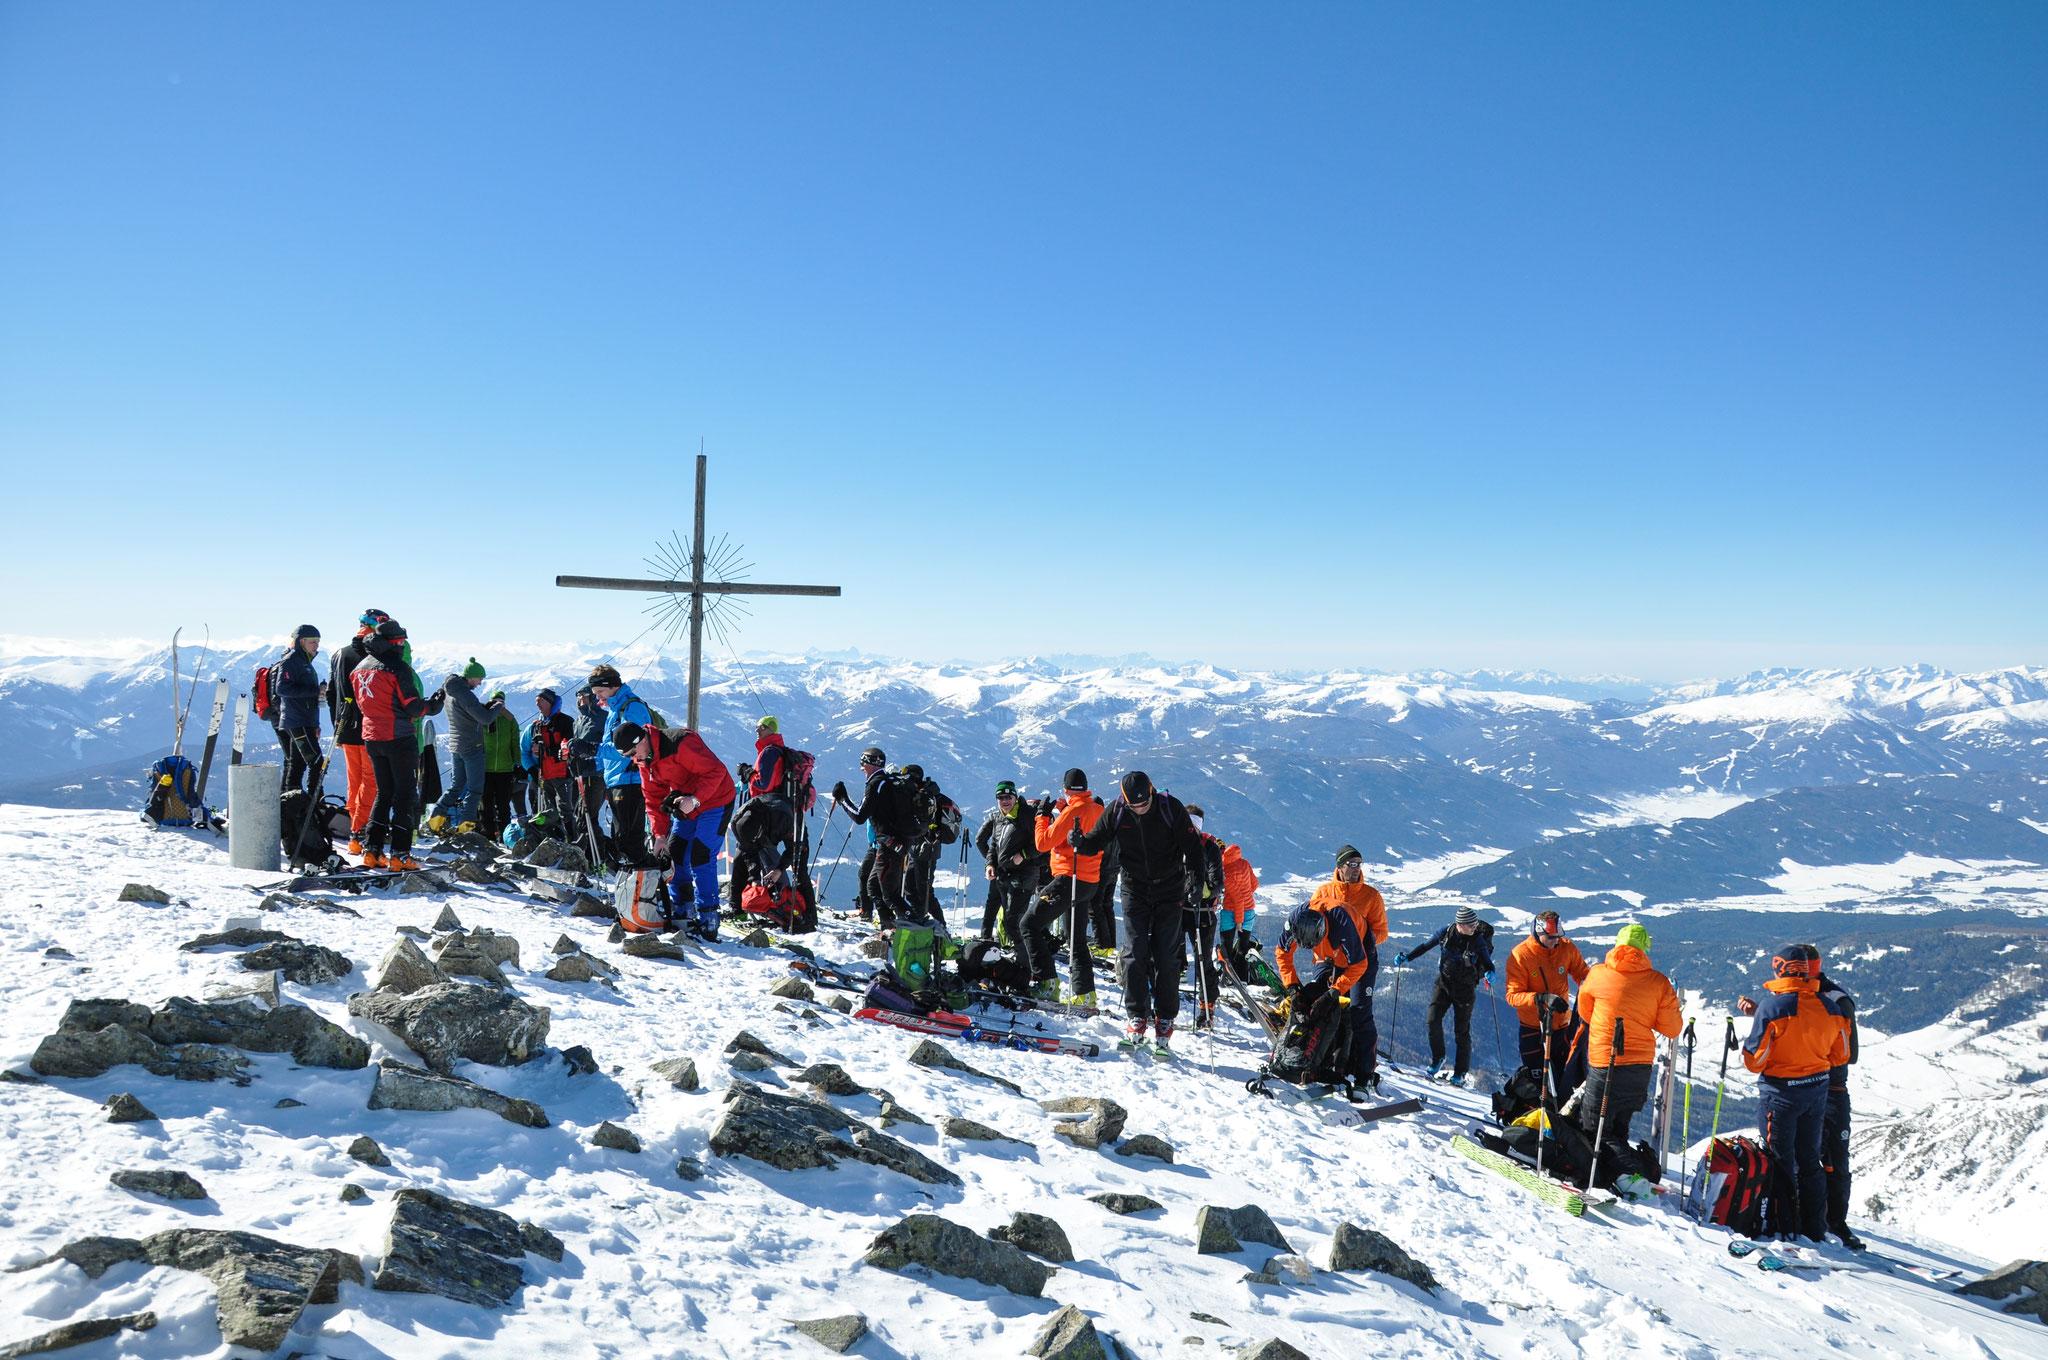 Geschafft. Am Gipfel warten wir mit einer Stärkung auf euch. Die zahlreichen Zuschauer sorgen für eine perfekte Stimmung.